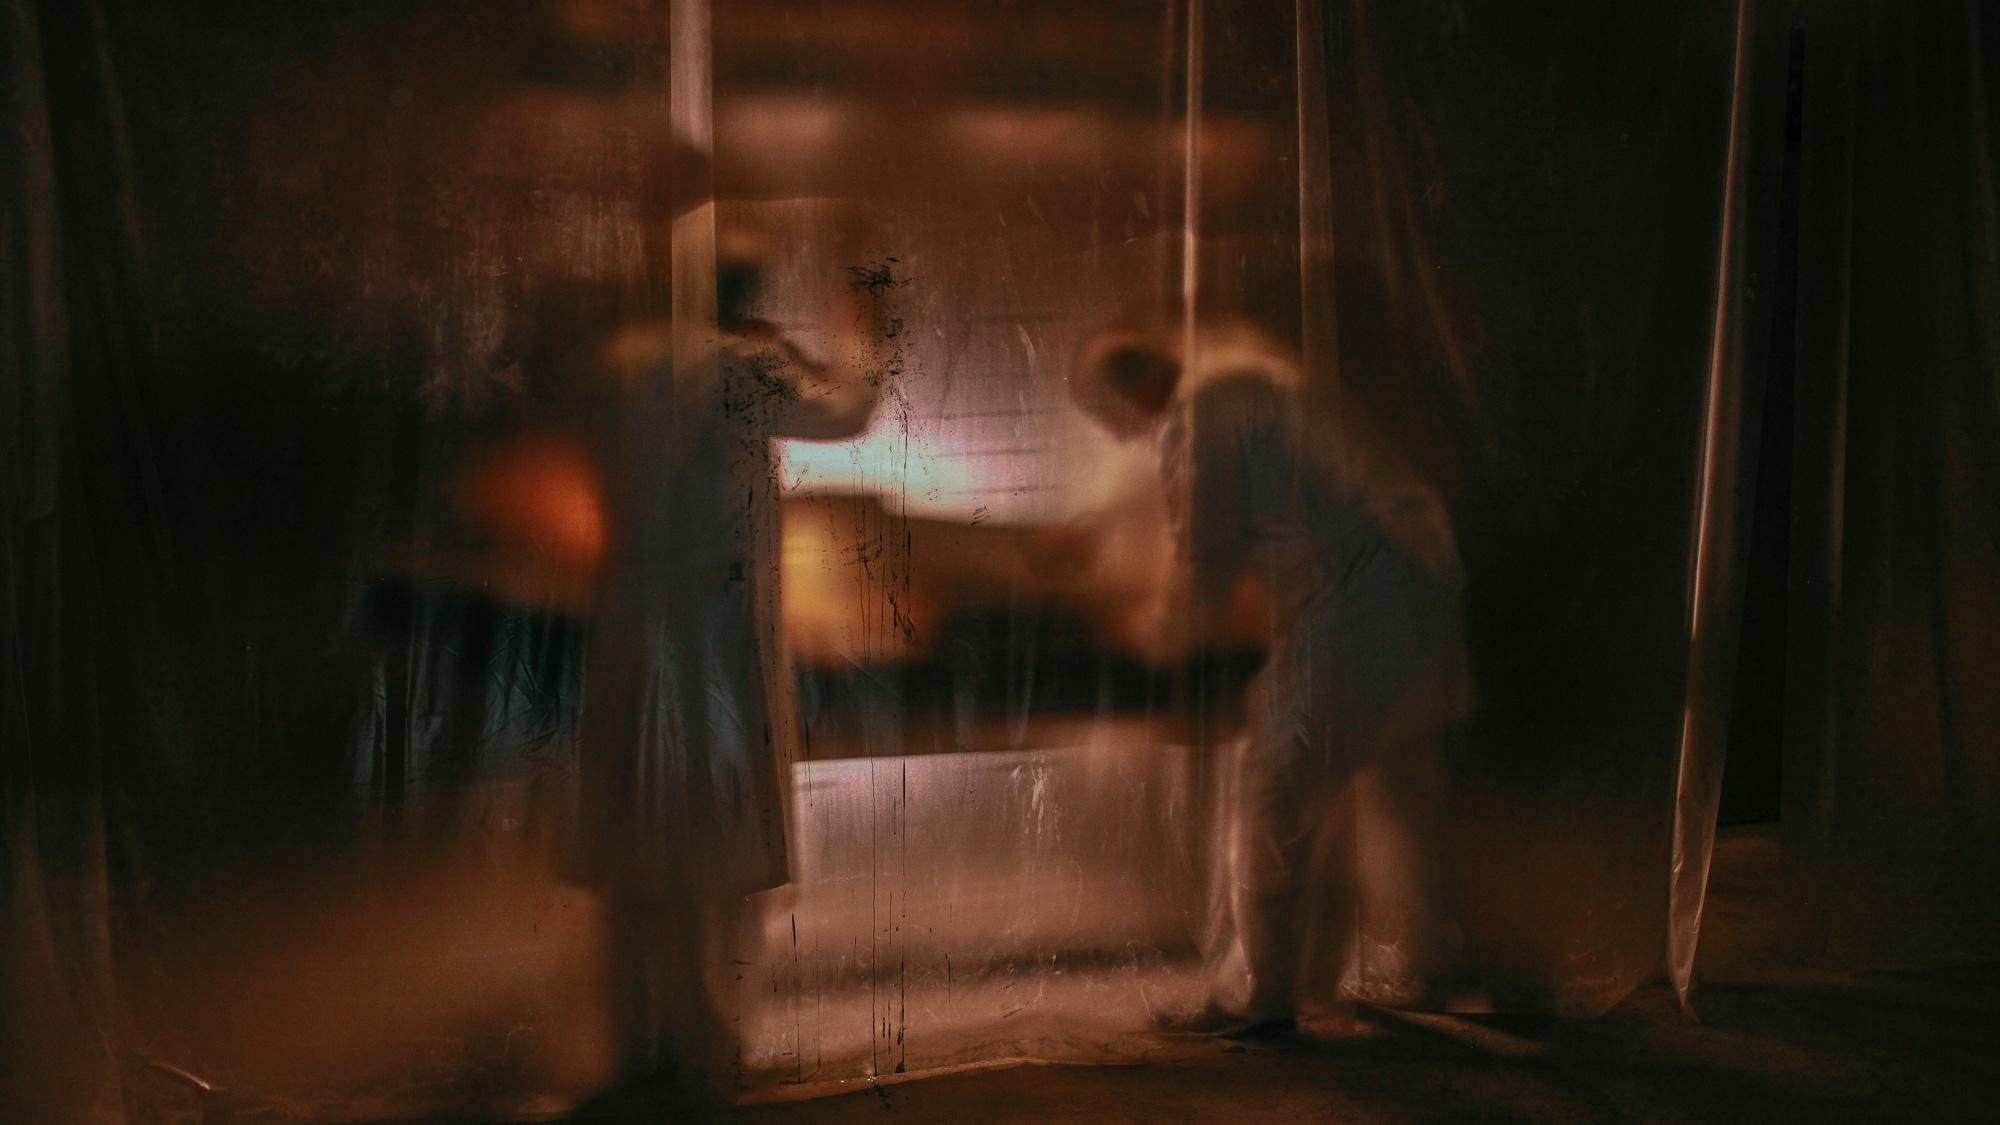 'Hết hồn' khi thấyJun Vũ bất động trước gương như một bóng ma 0